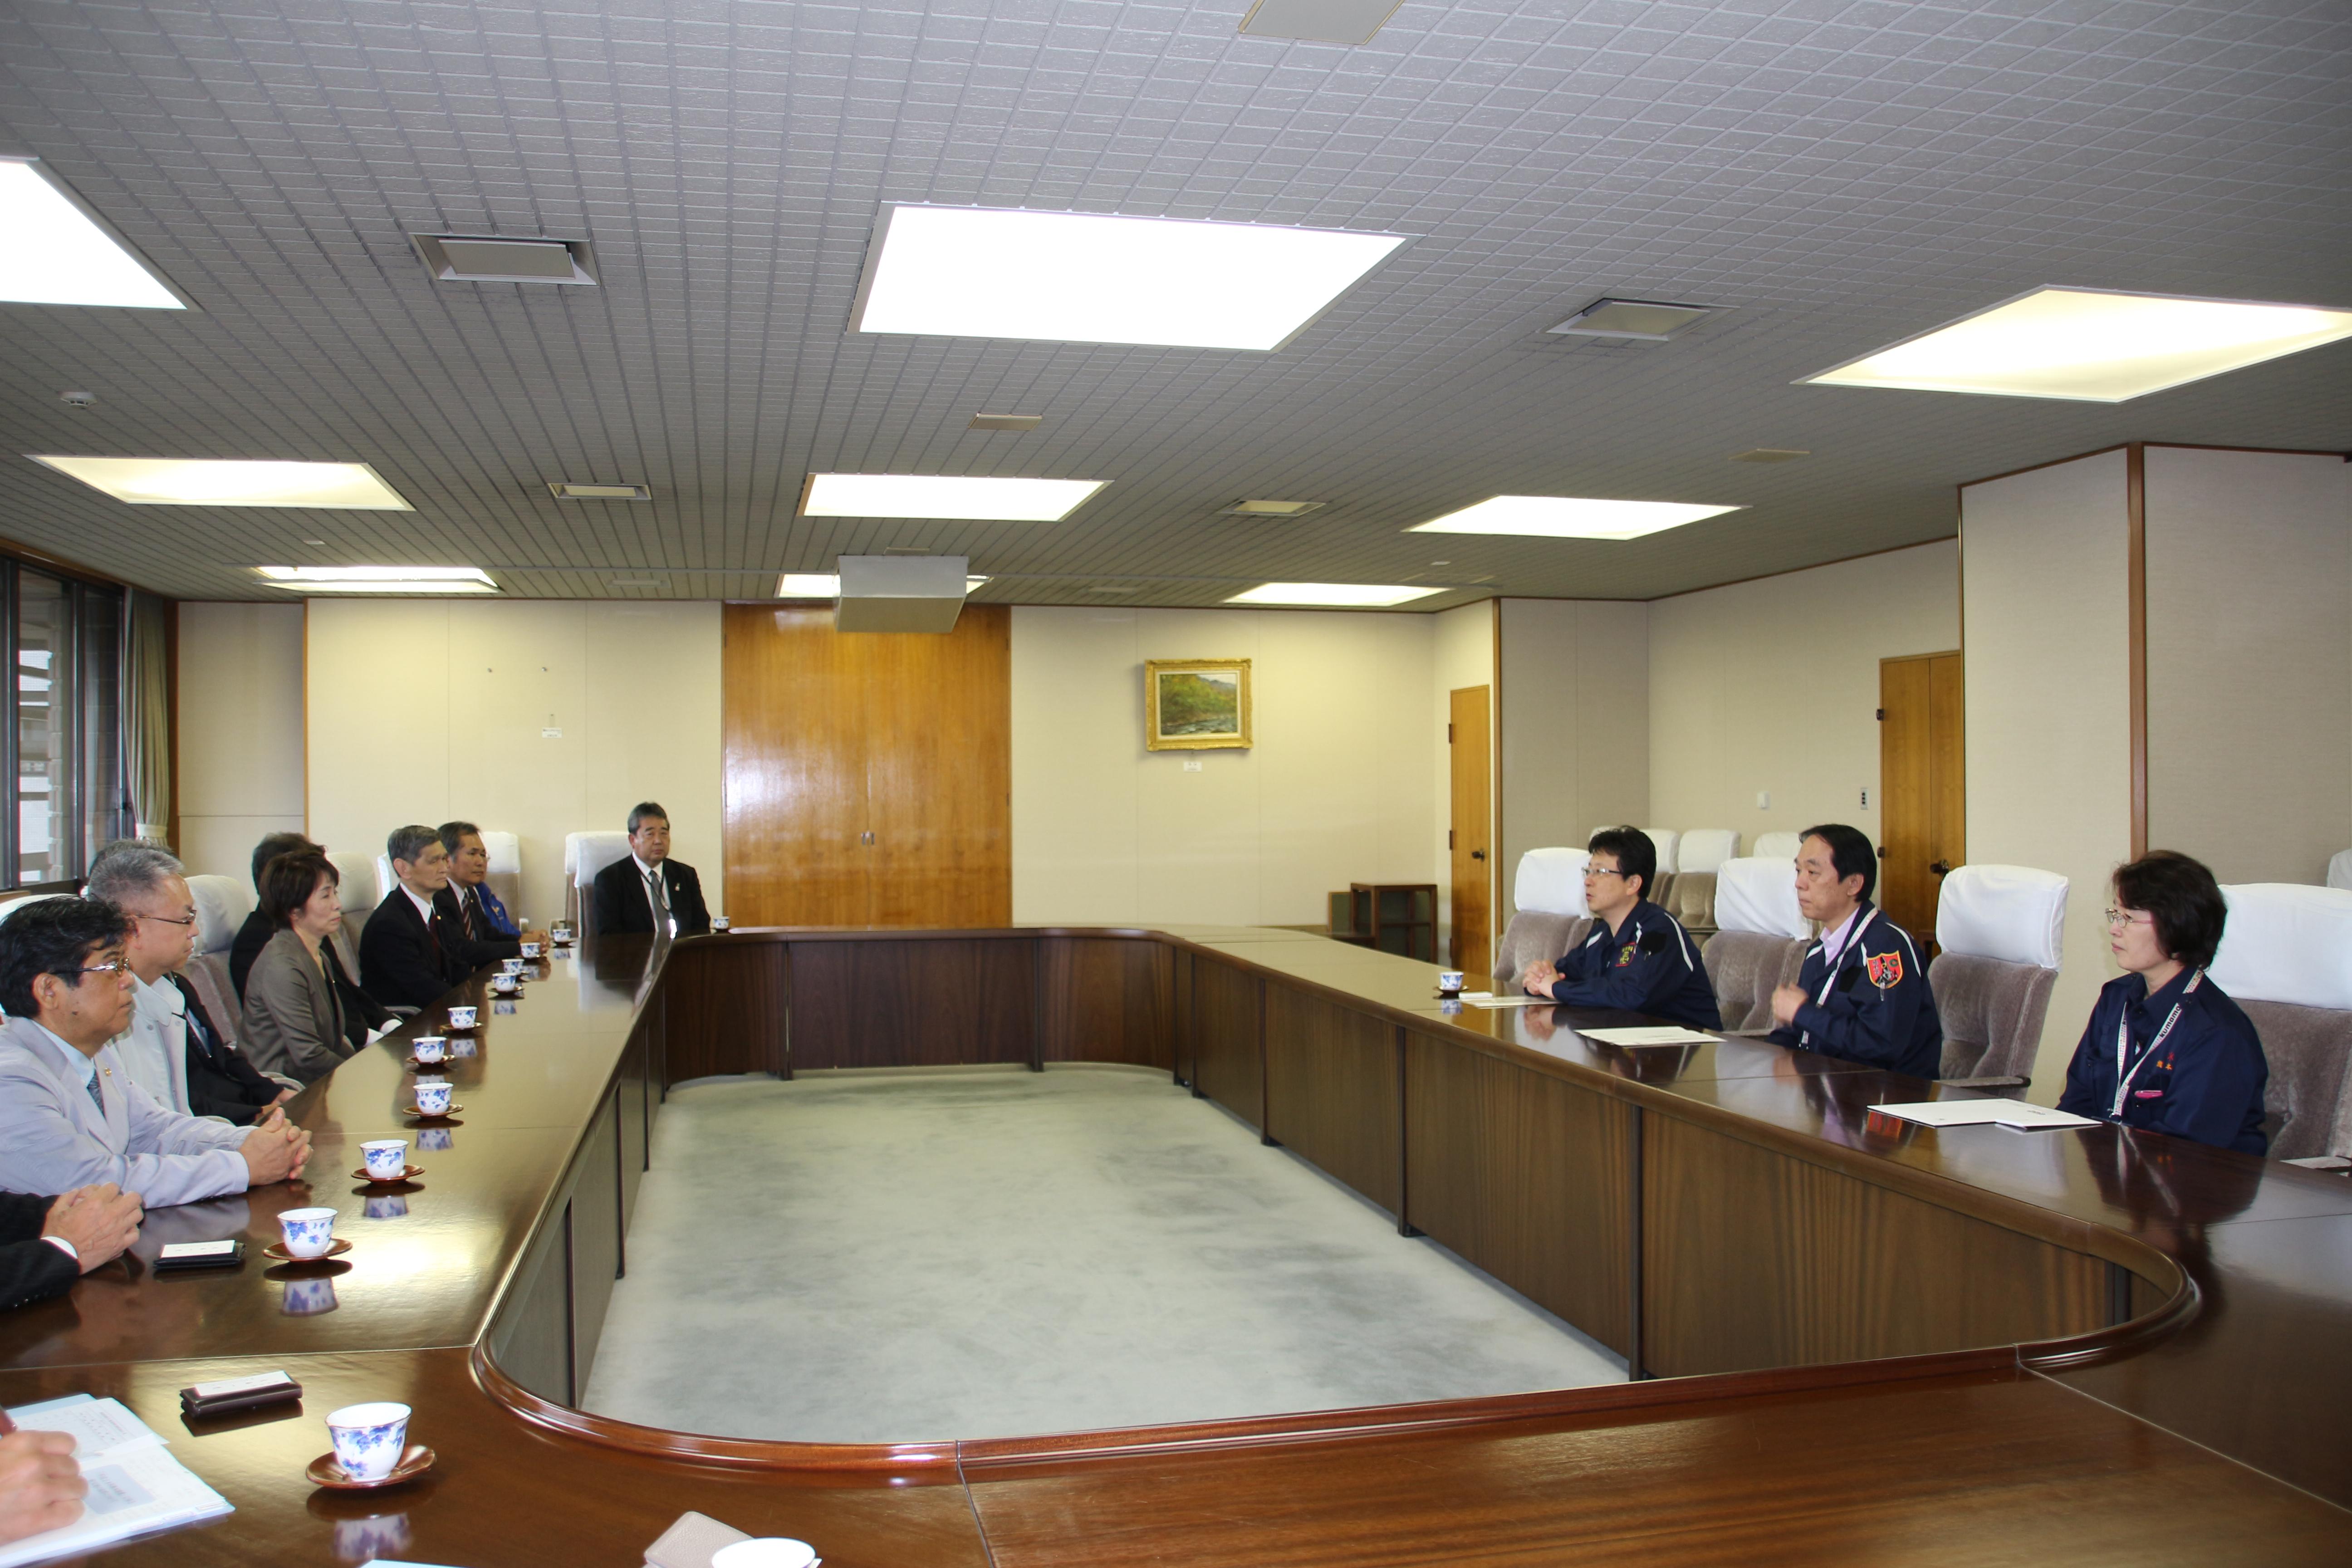 大西一史熊本市長と面談(熊本市役所内)